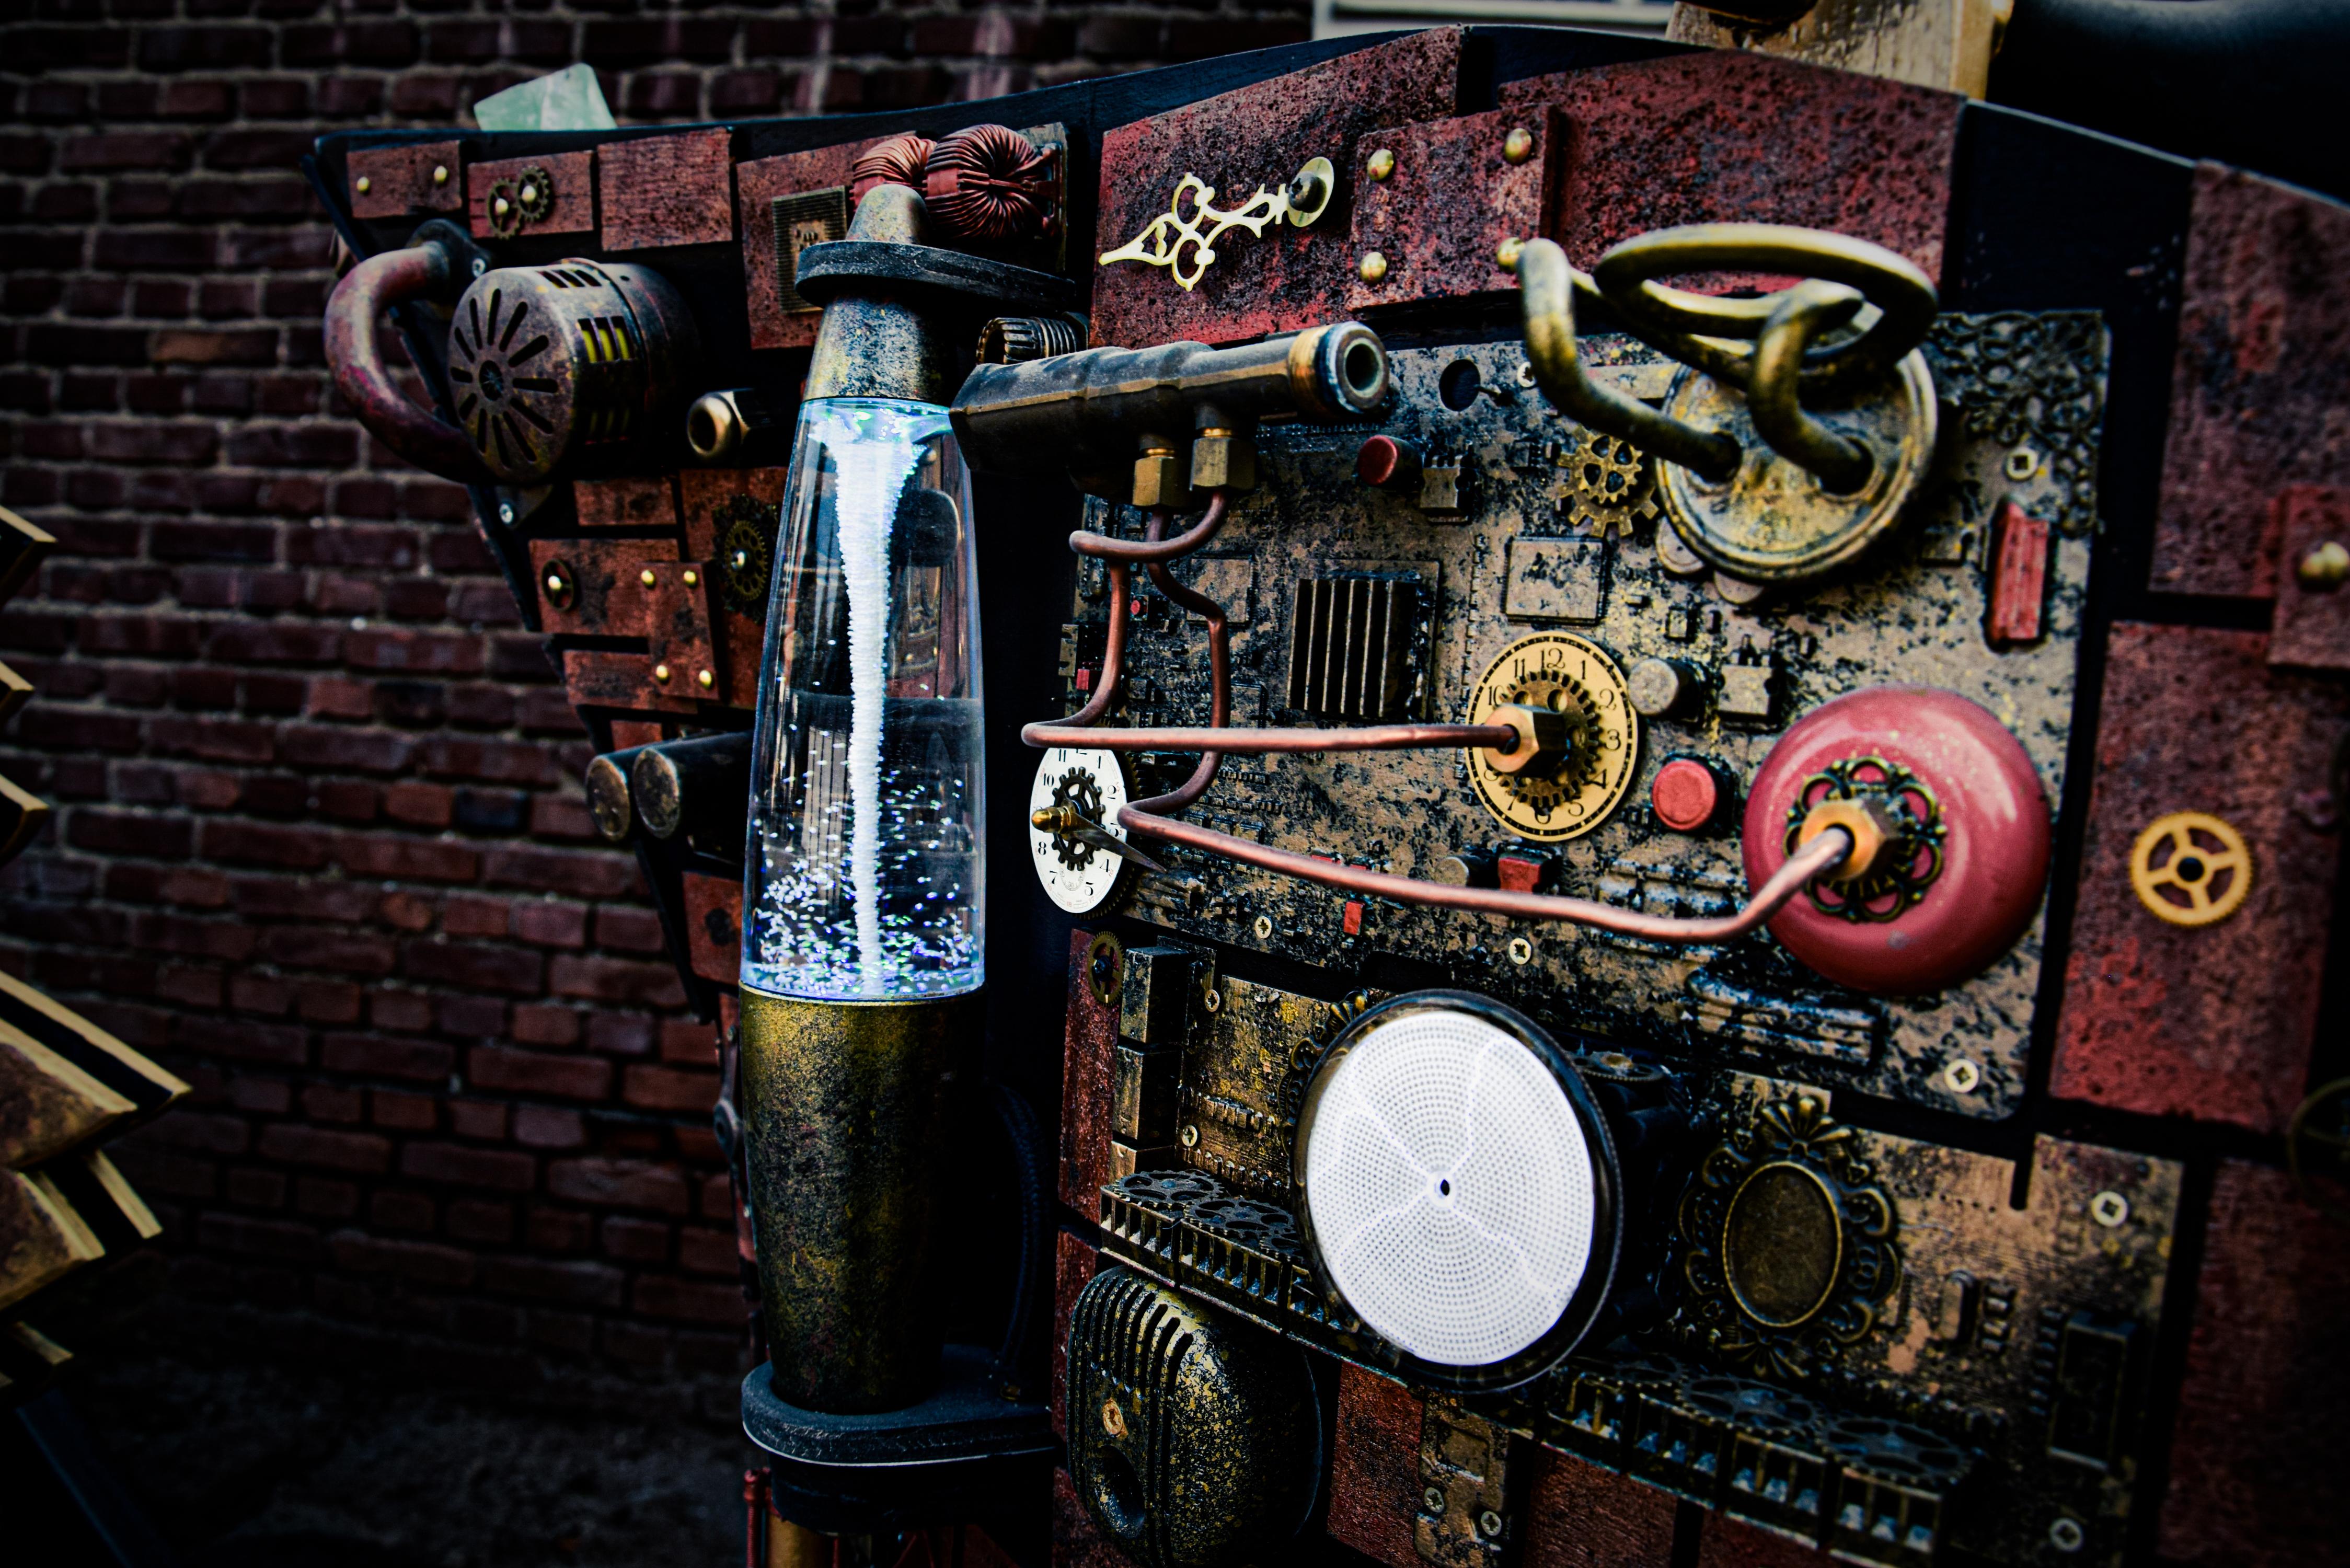 Streitwagen_Daylight_Closeup1